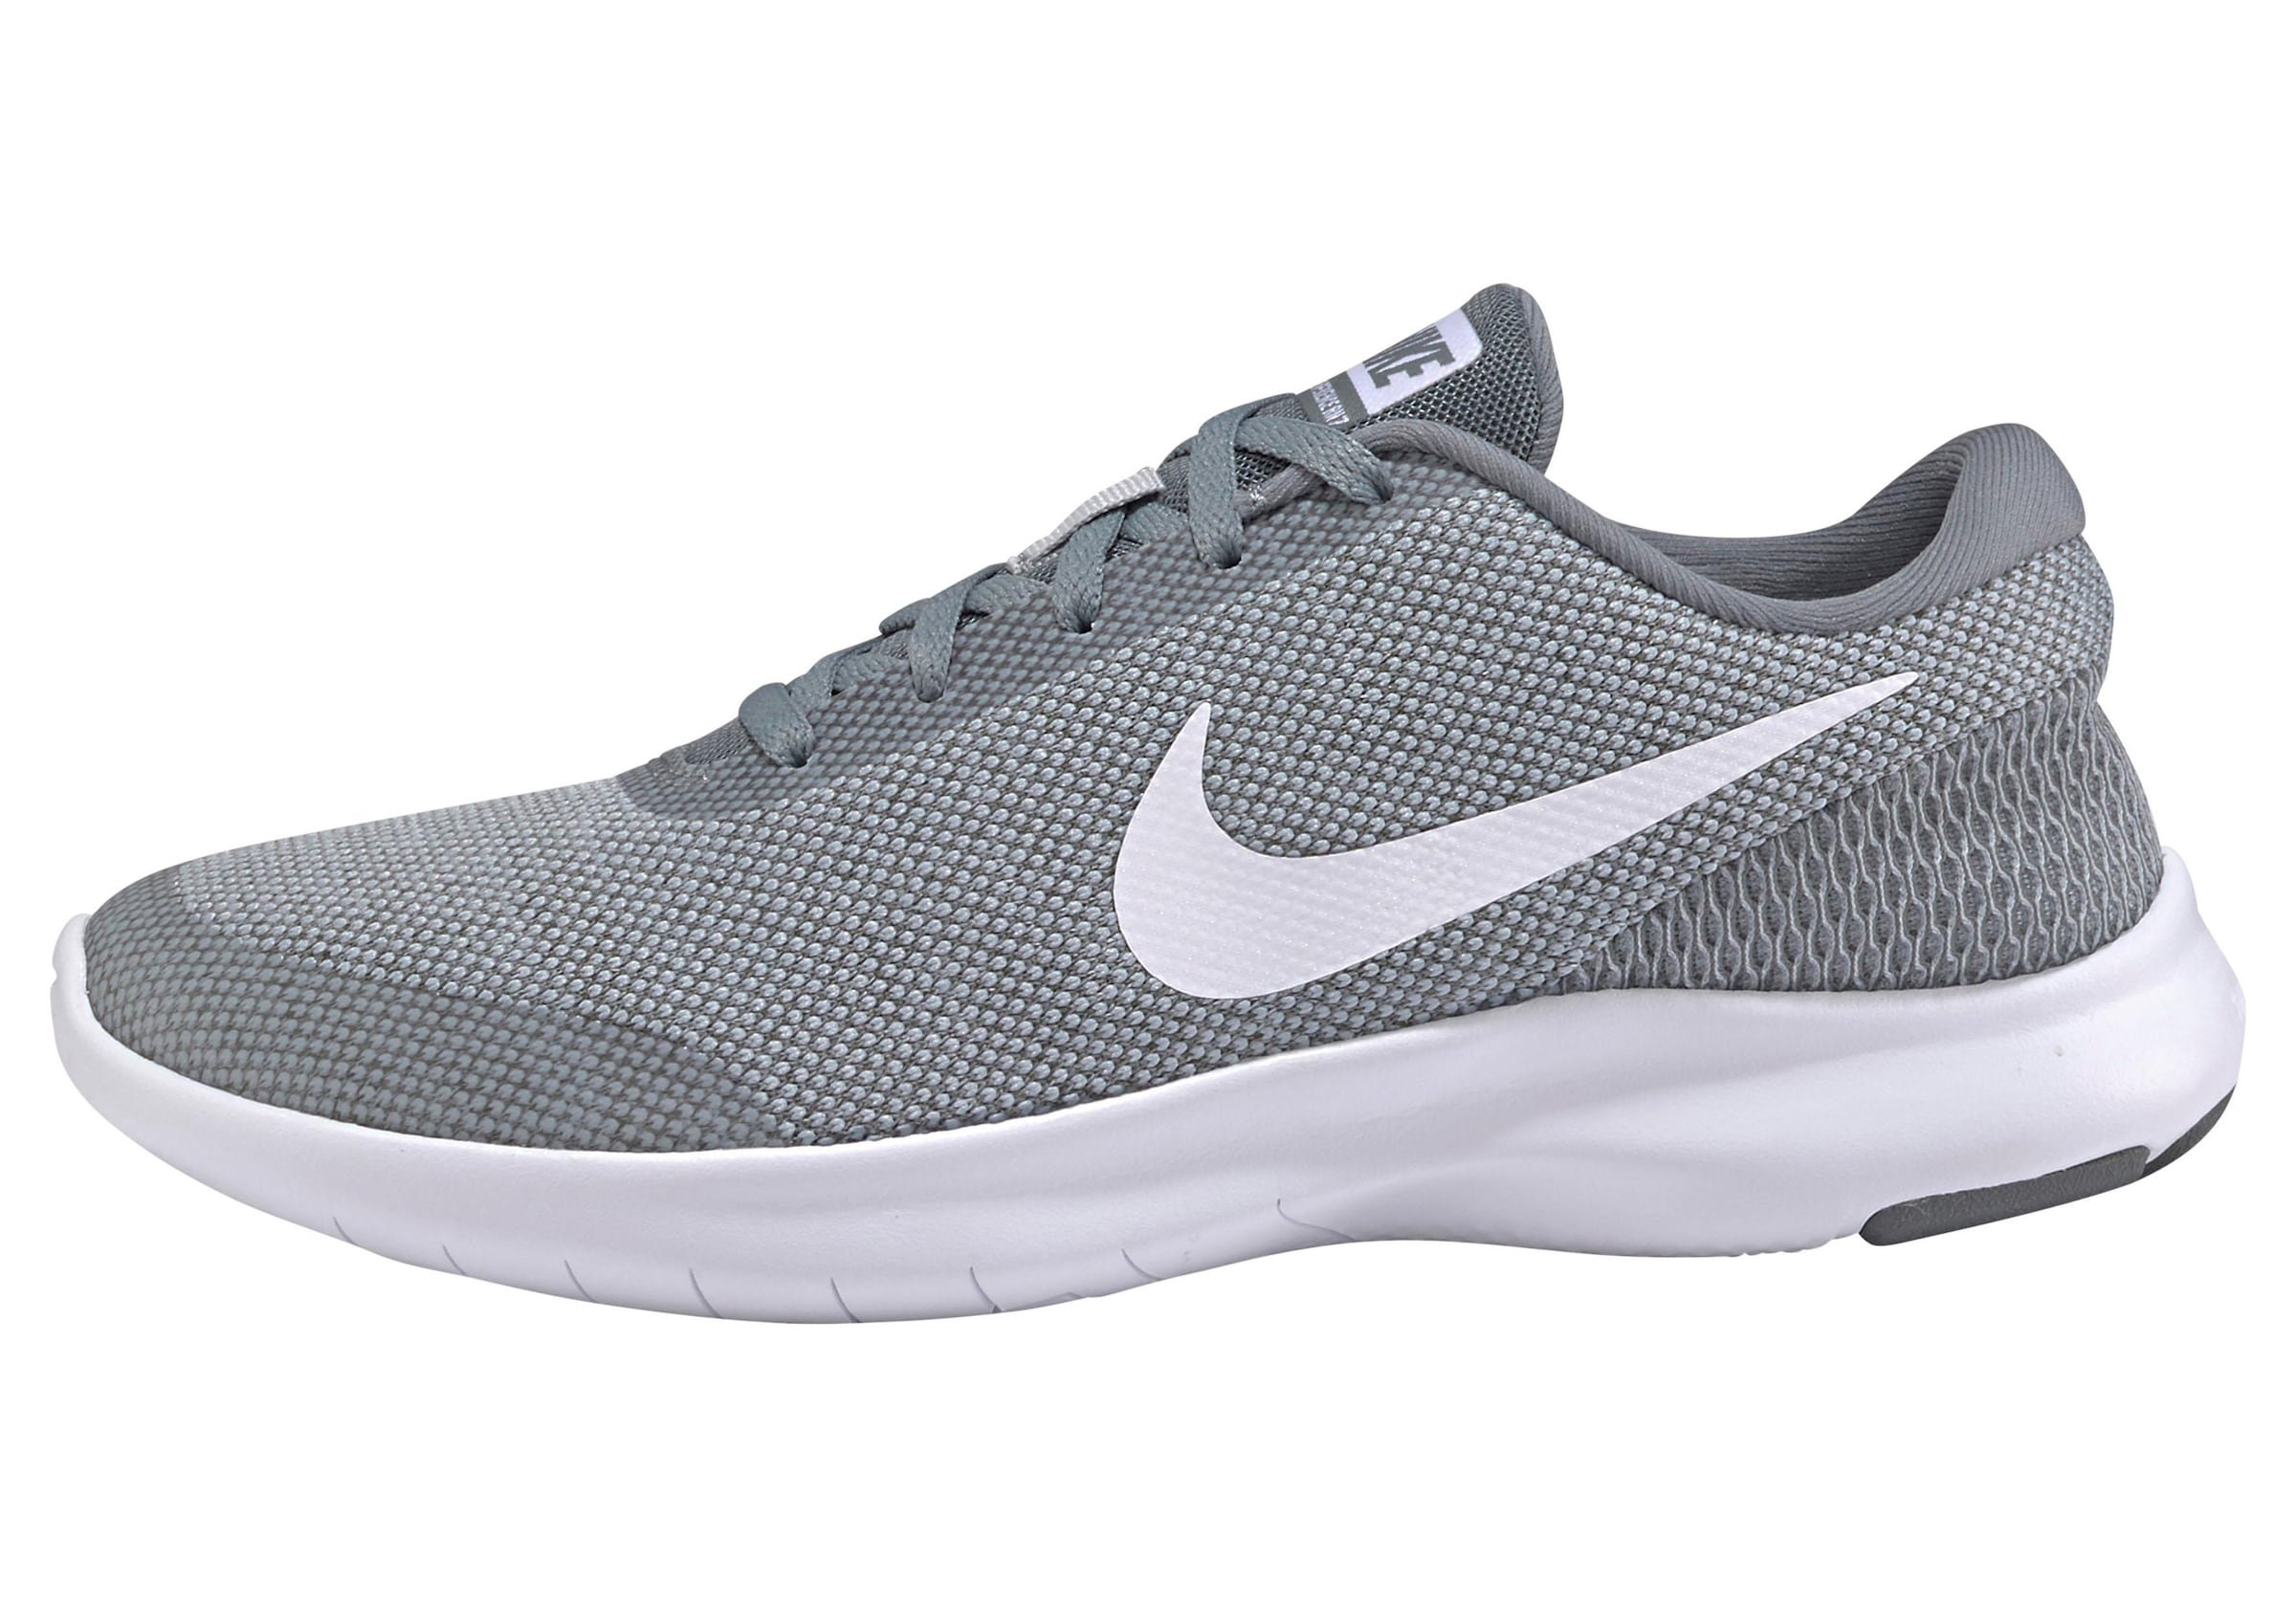 Nike Laufschuh  ;Wmns Flex Experience kaufen Run 7 bequem online kaufen Experience | Gutes Preis-Leistungs-Verhältnis, es lohnt sich,Trend-2499 c8bb65